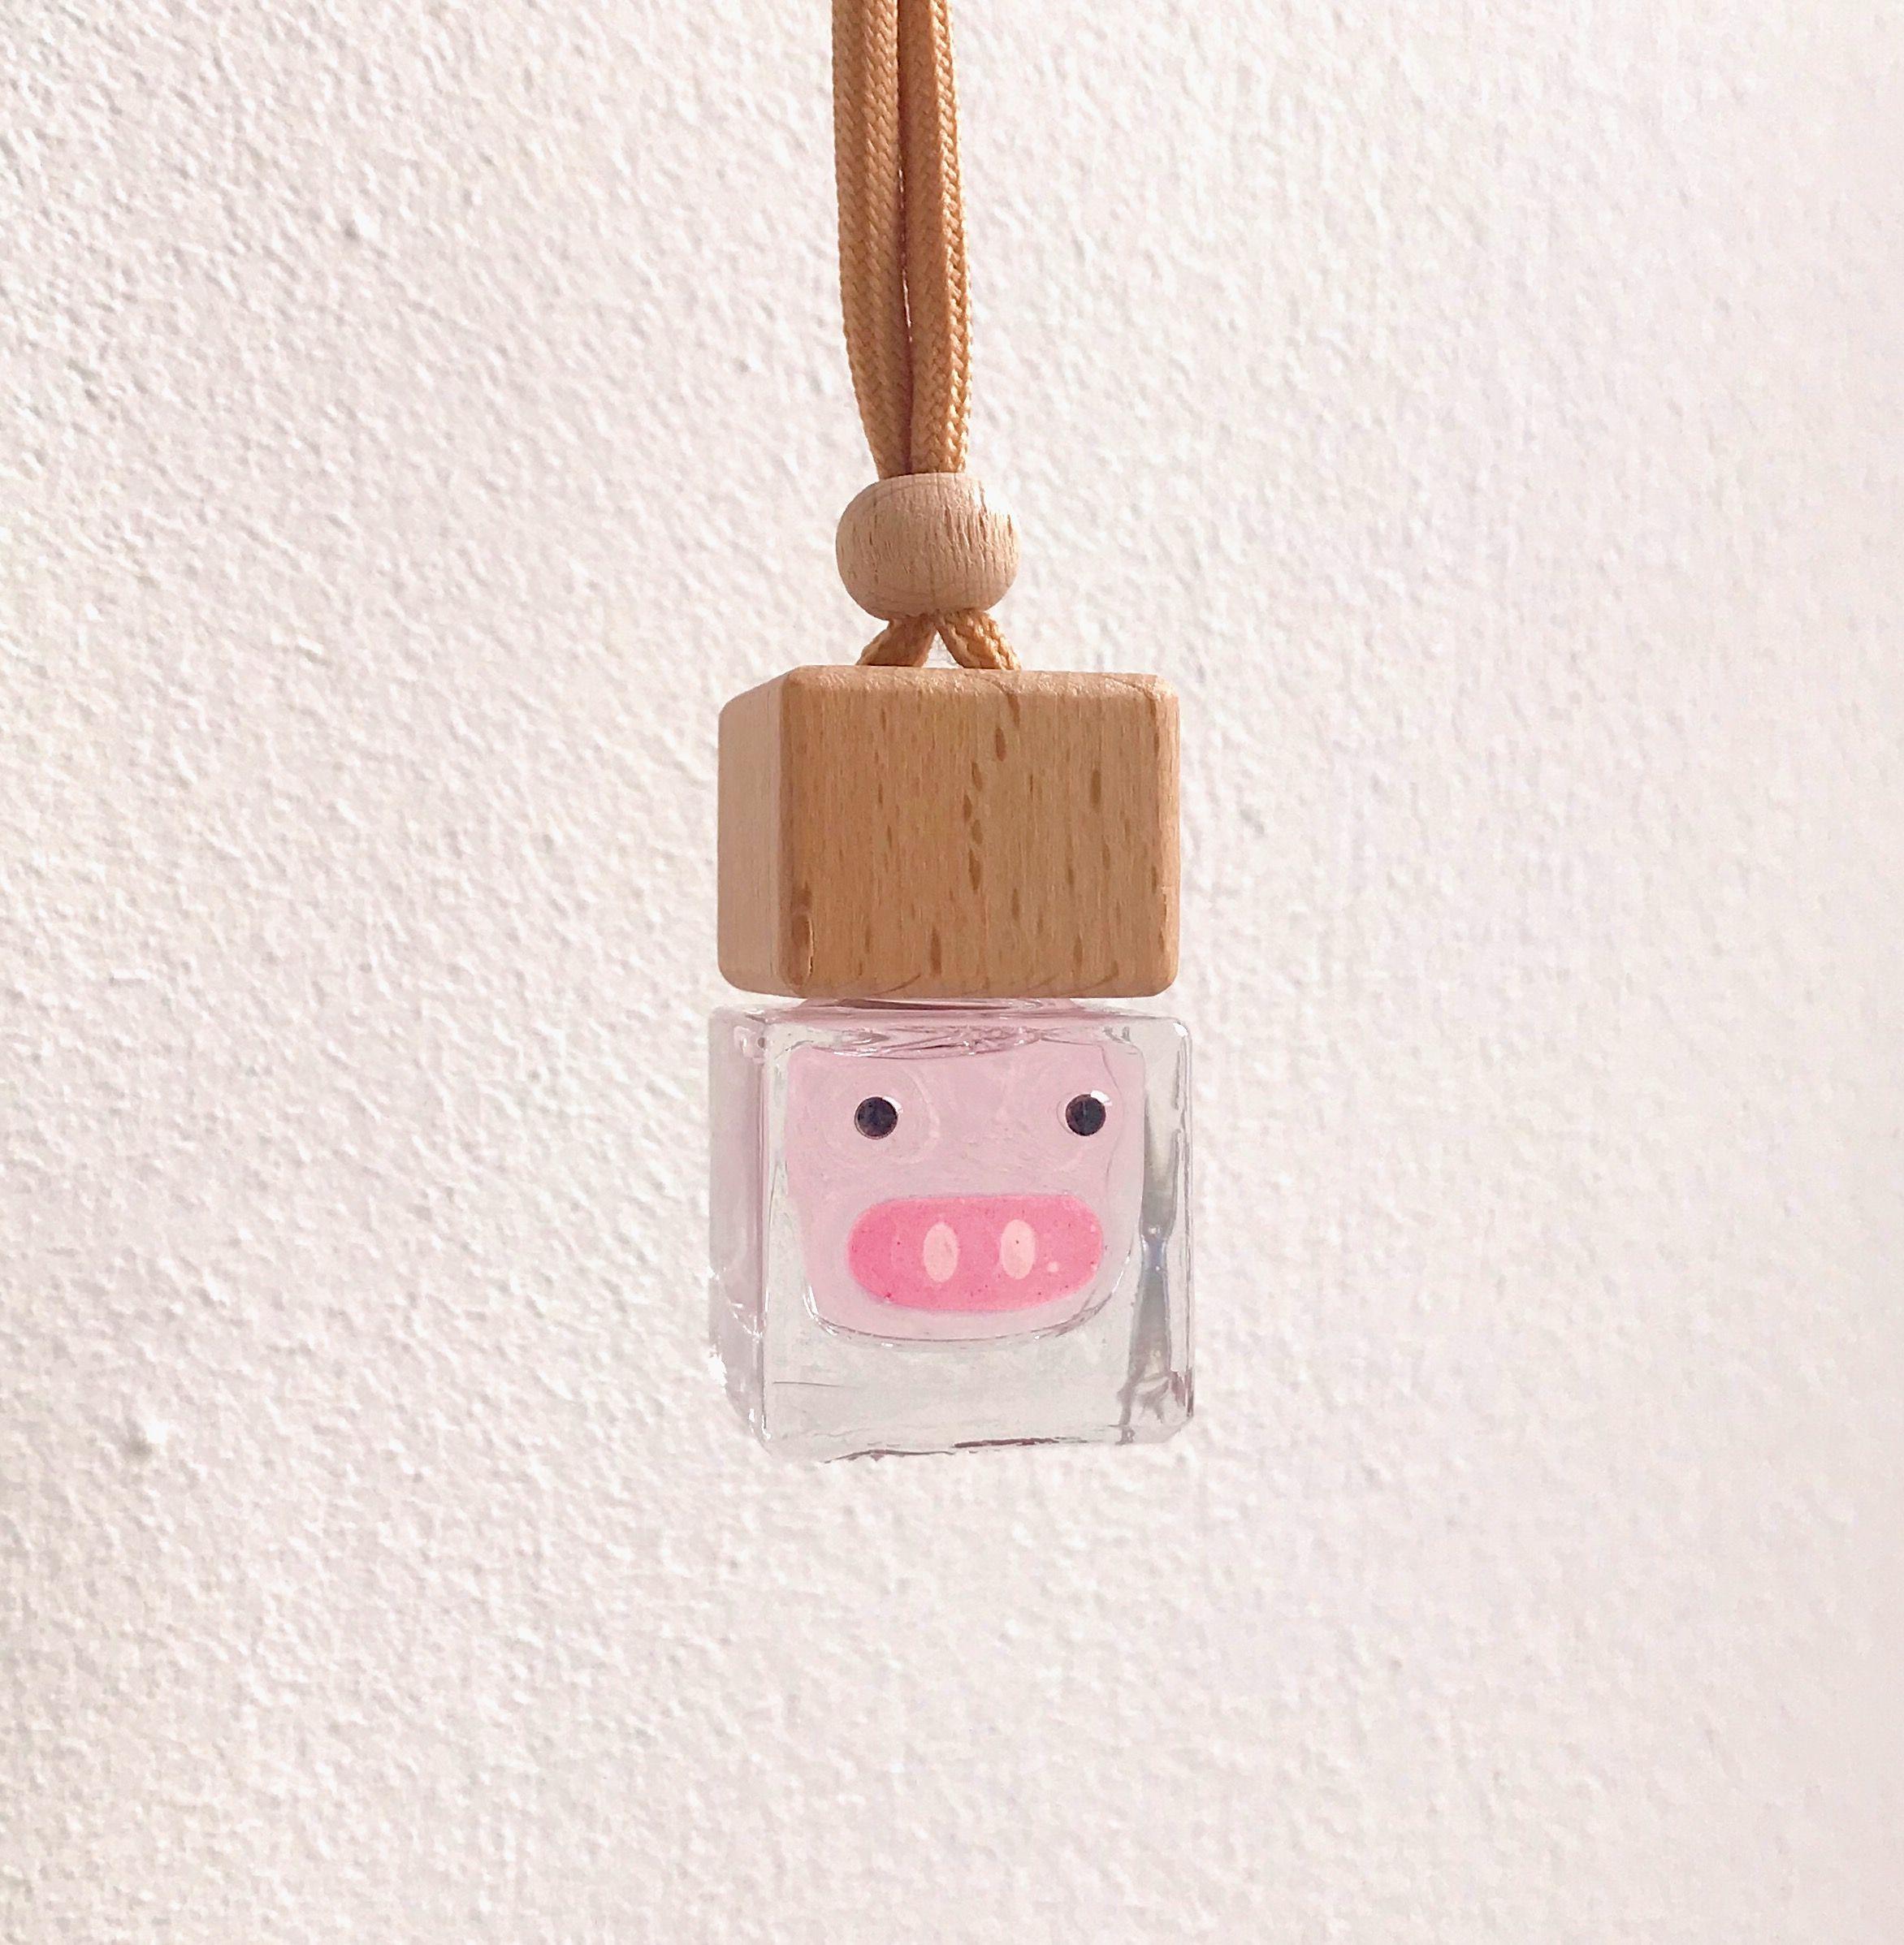 복 꿀꿀 돼지 디퓨저 아이디어 돼지 방 꾸미기